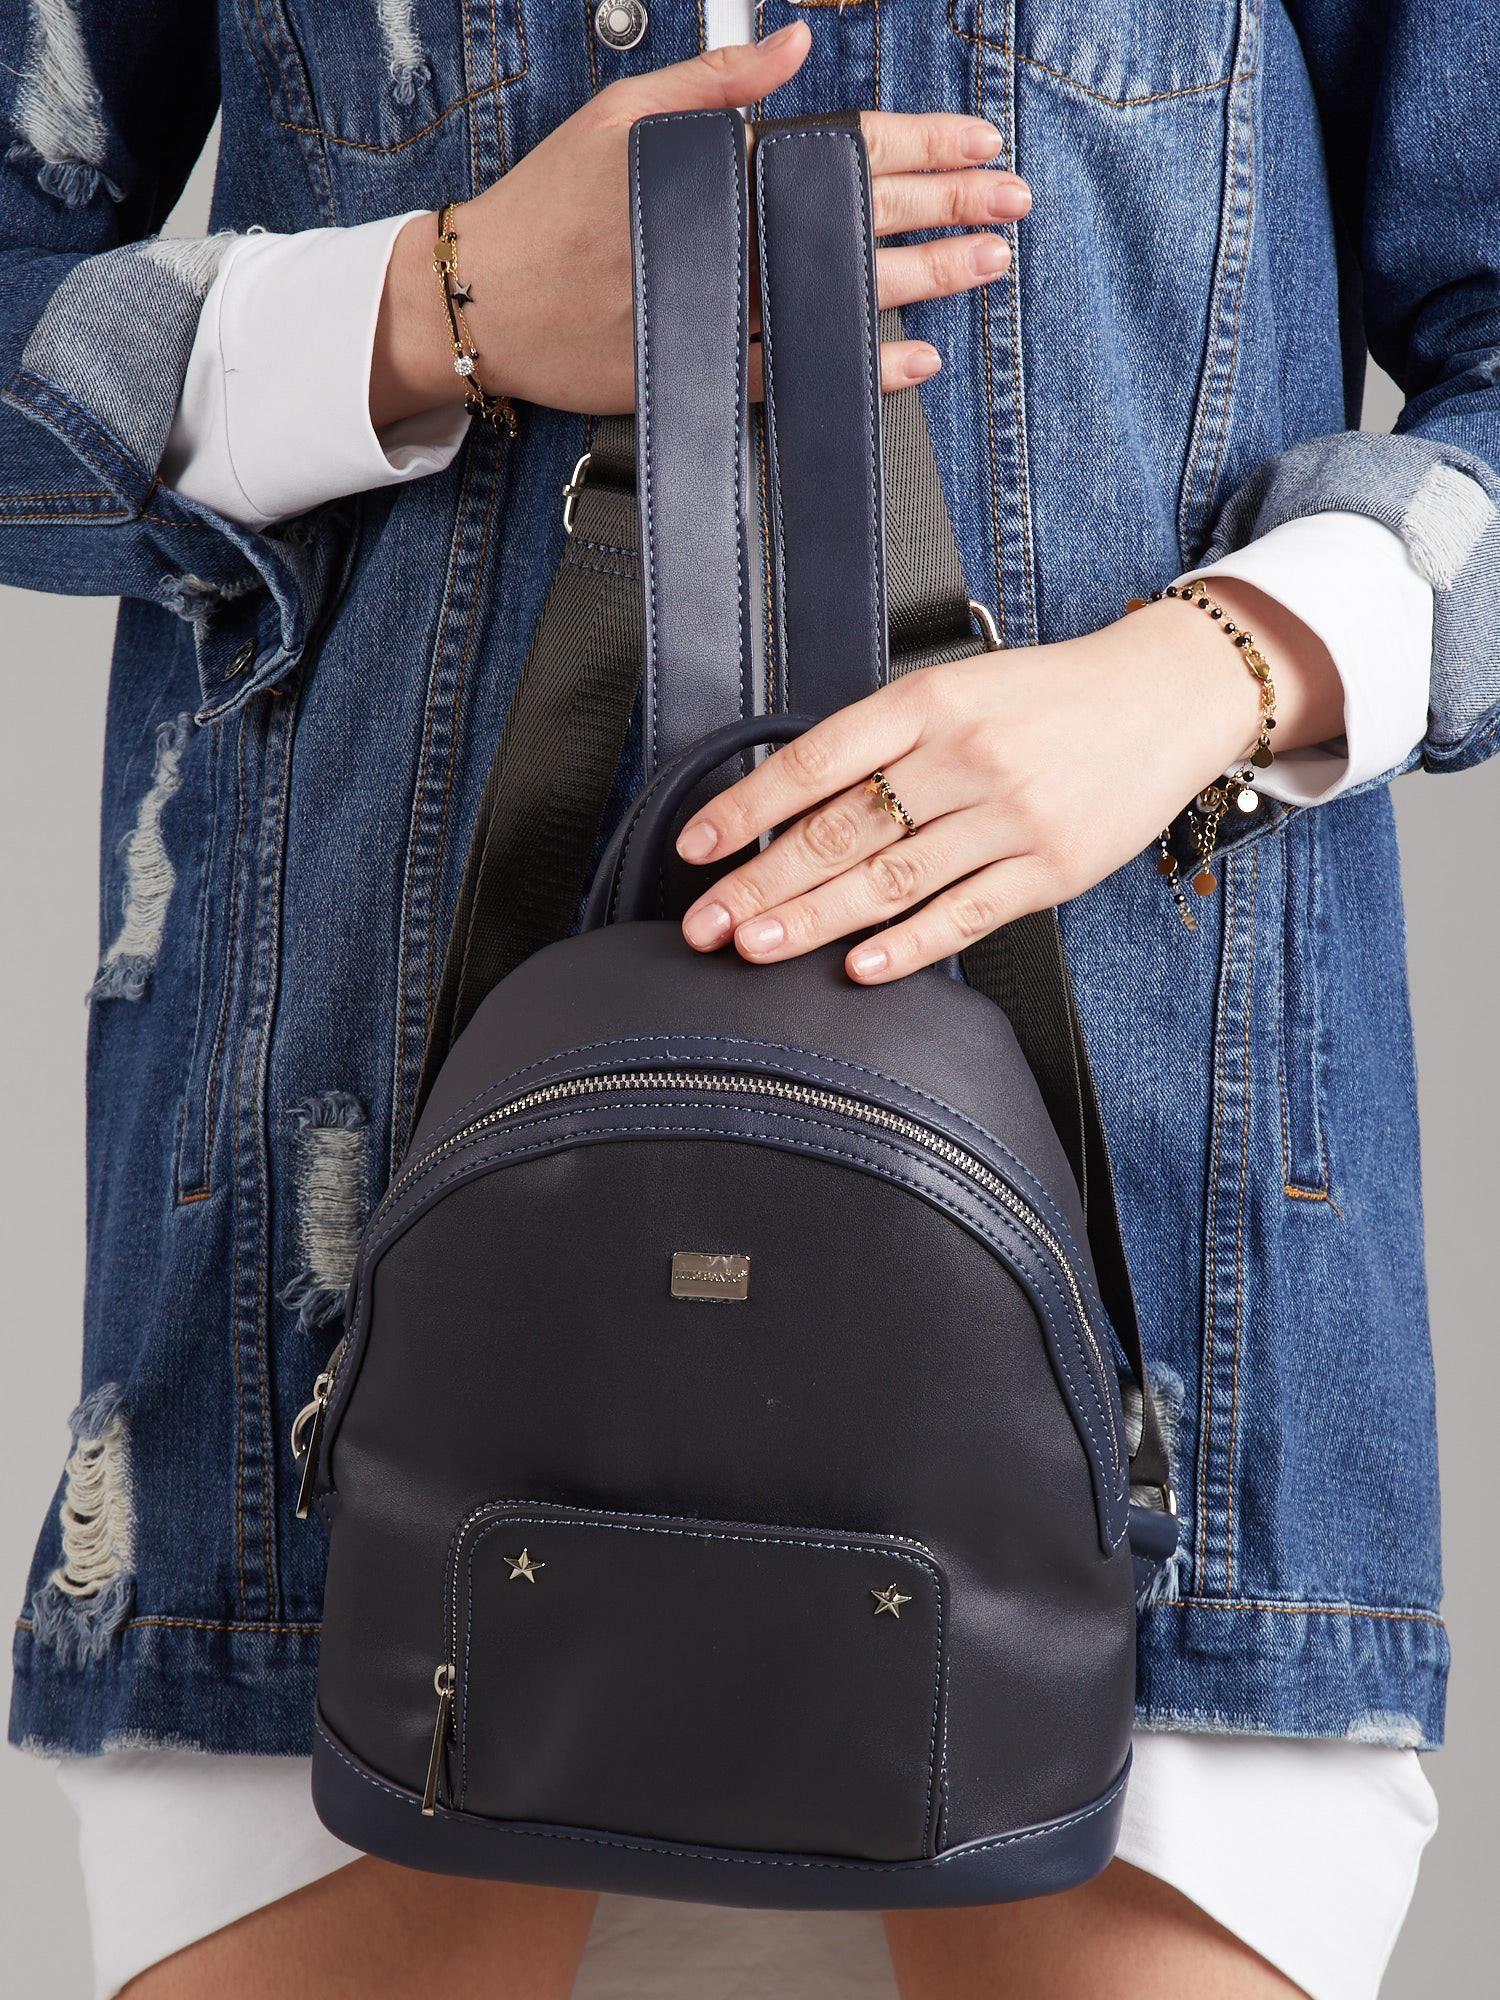 613e96160446a Granatowy plecak damski z eko skóry - Akcesoria plecaki - sklep ...